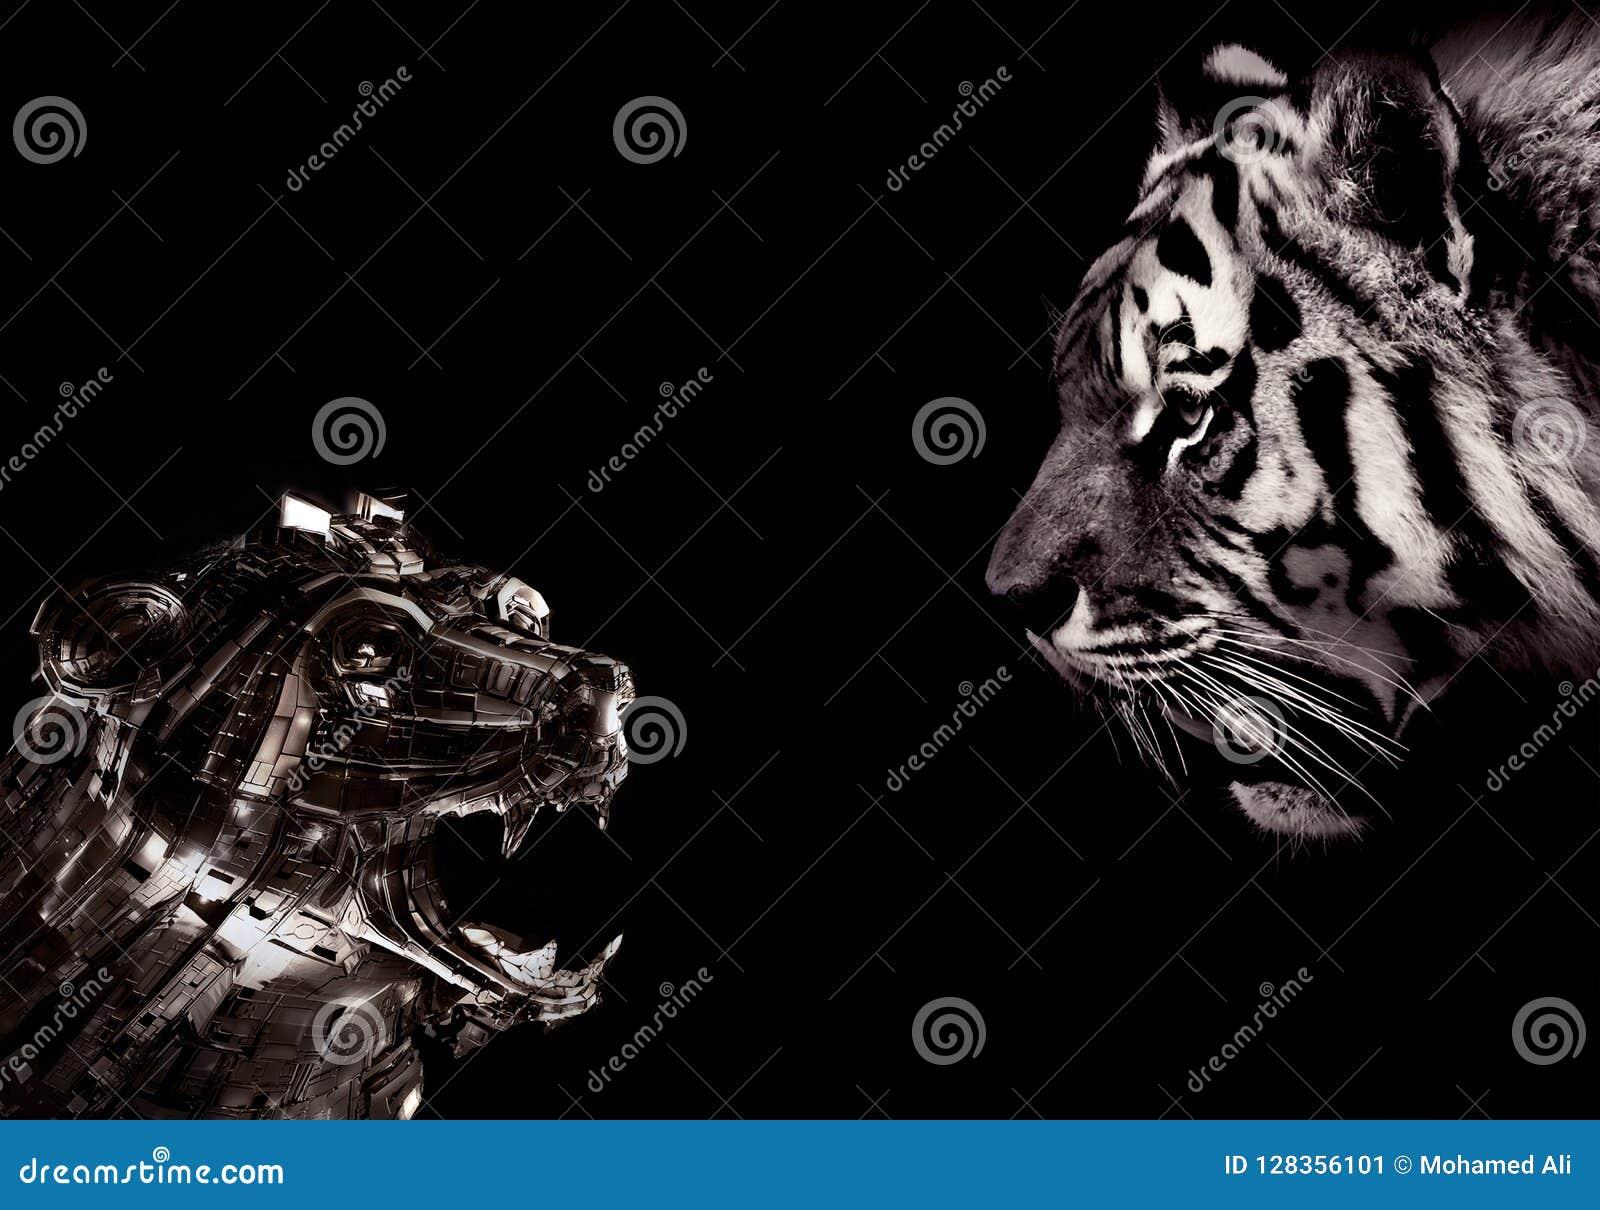 Tema astratto artistico della macchina utilizzata sulle fronti di taglio della natura in bianco e nero